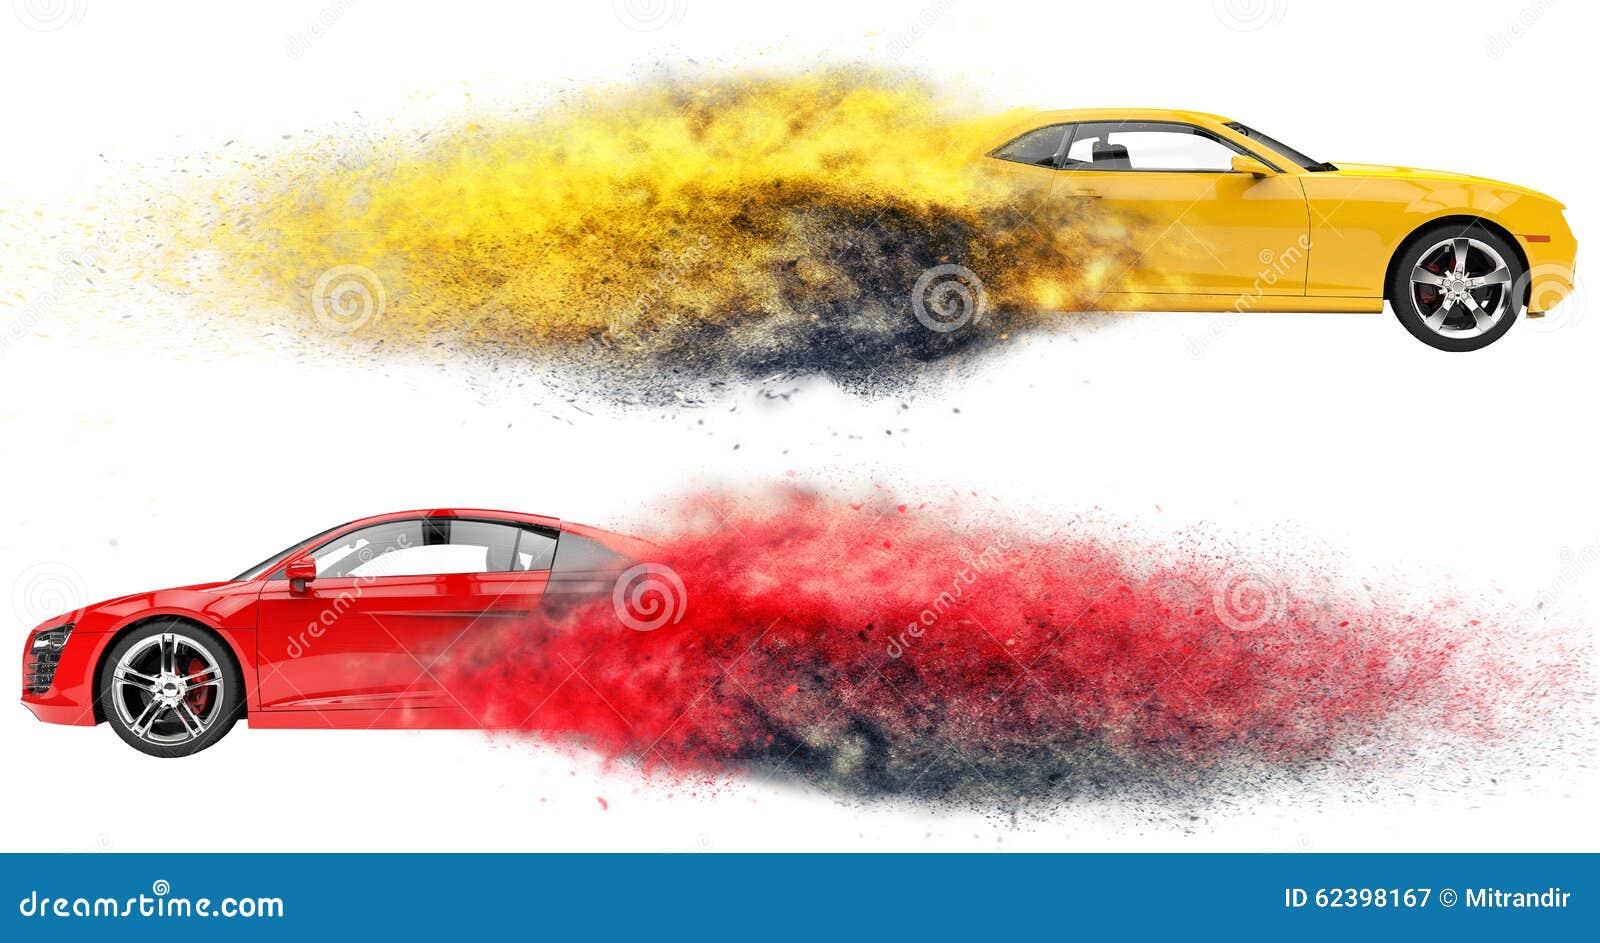 Σπορ αυτοκίνητο FX